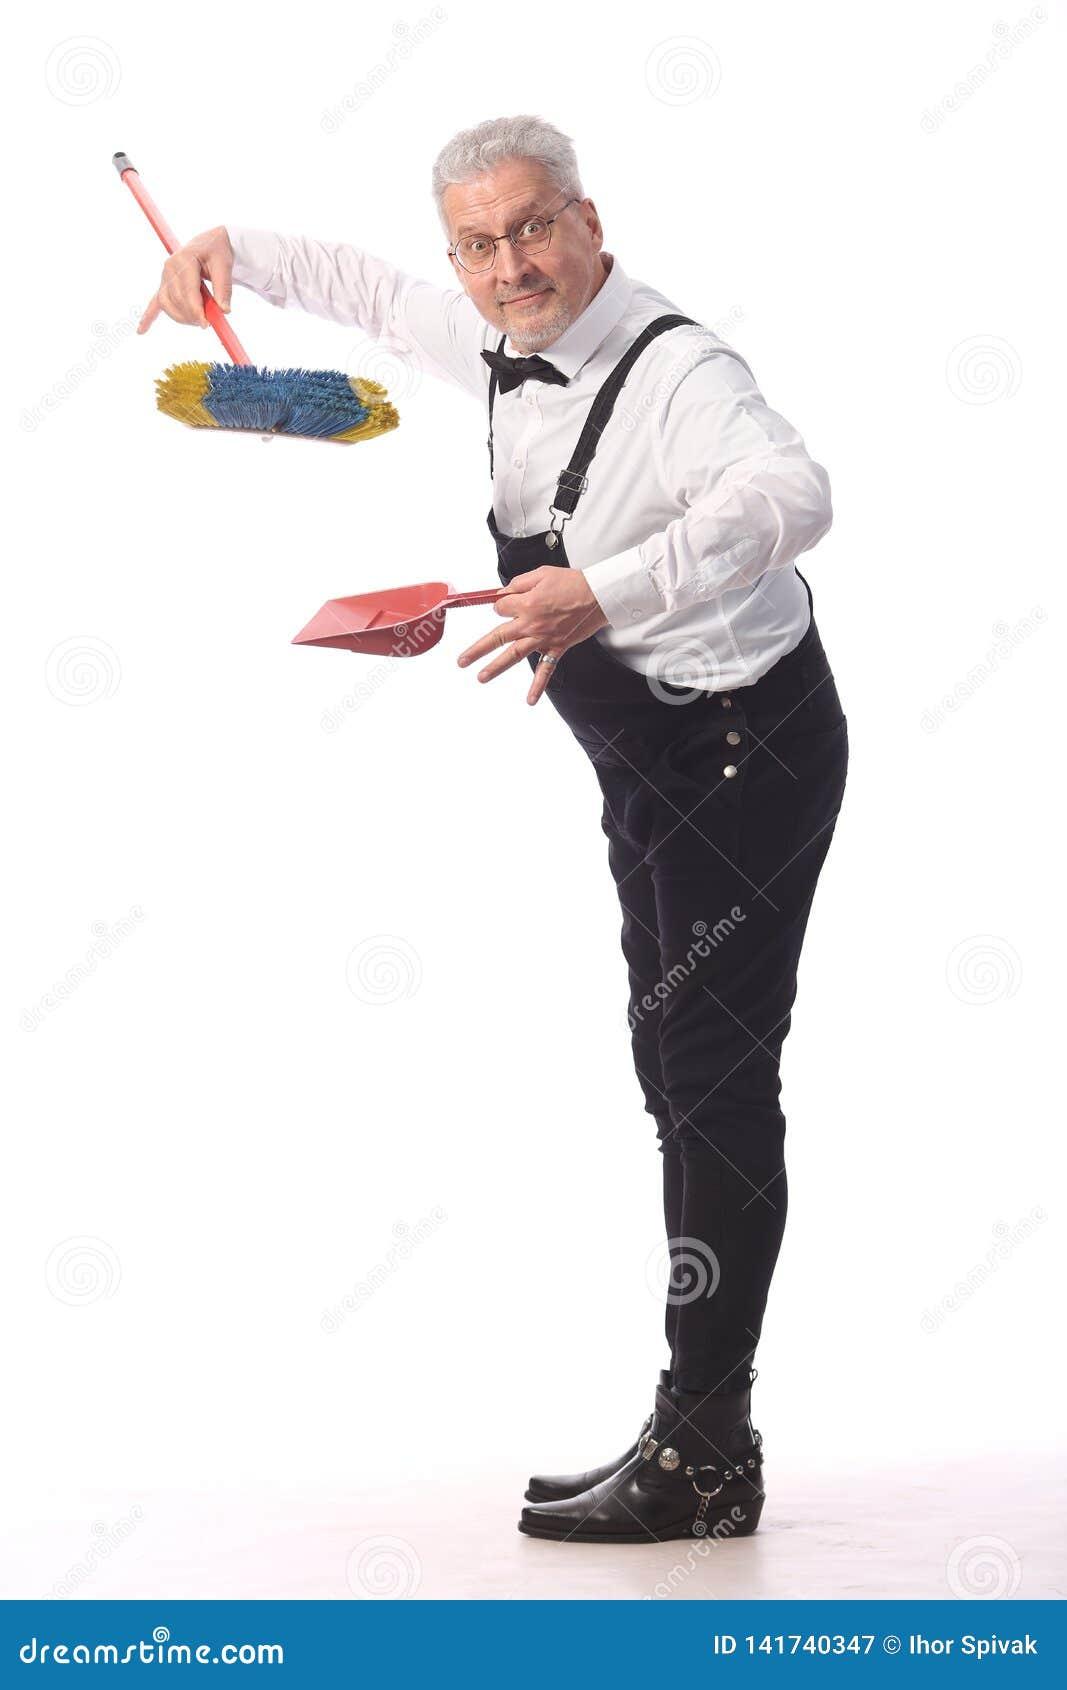 O líquido de limpeza grisalho, o guarda de serviço em um fato-macaco preto com um espanador e o pá-de-lixo proporcionam o serviço